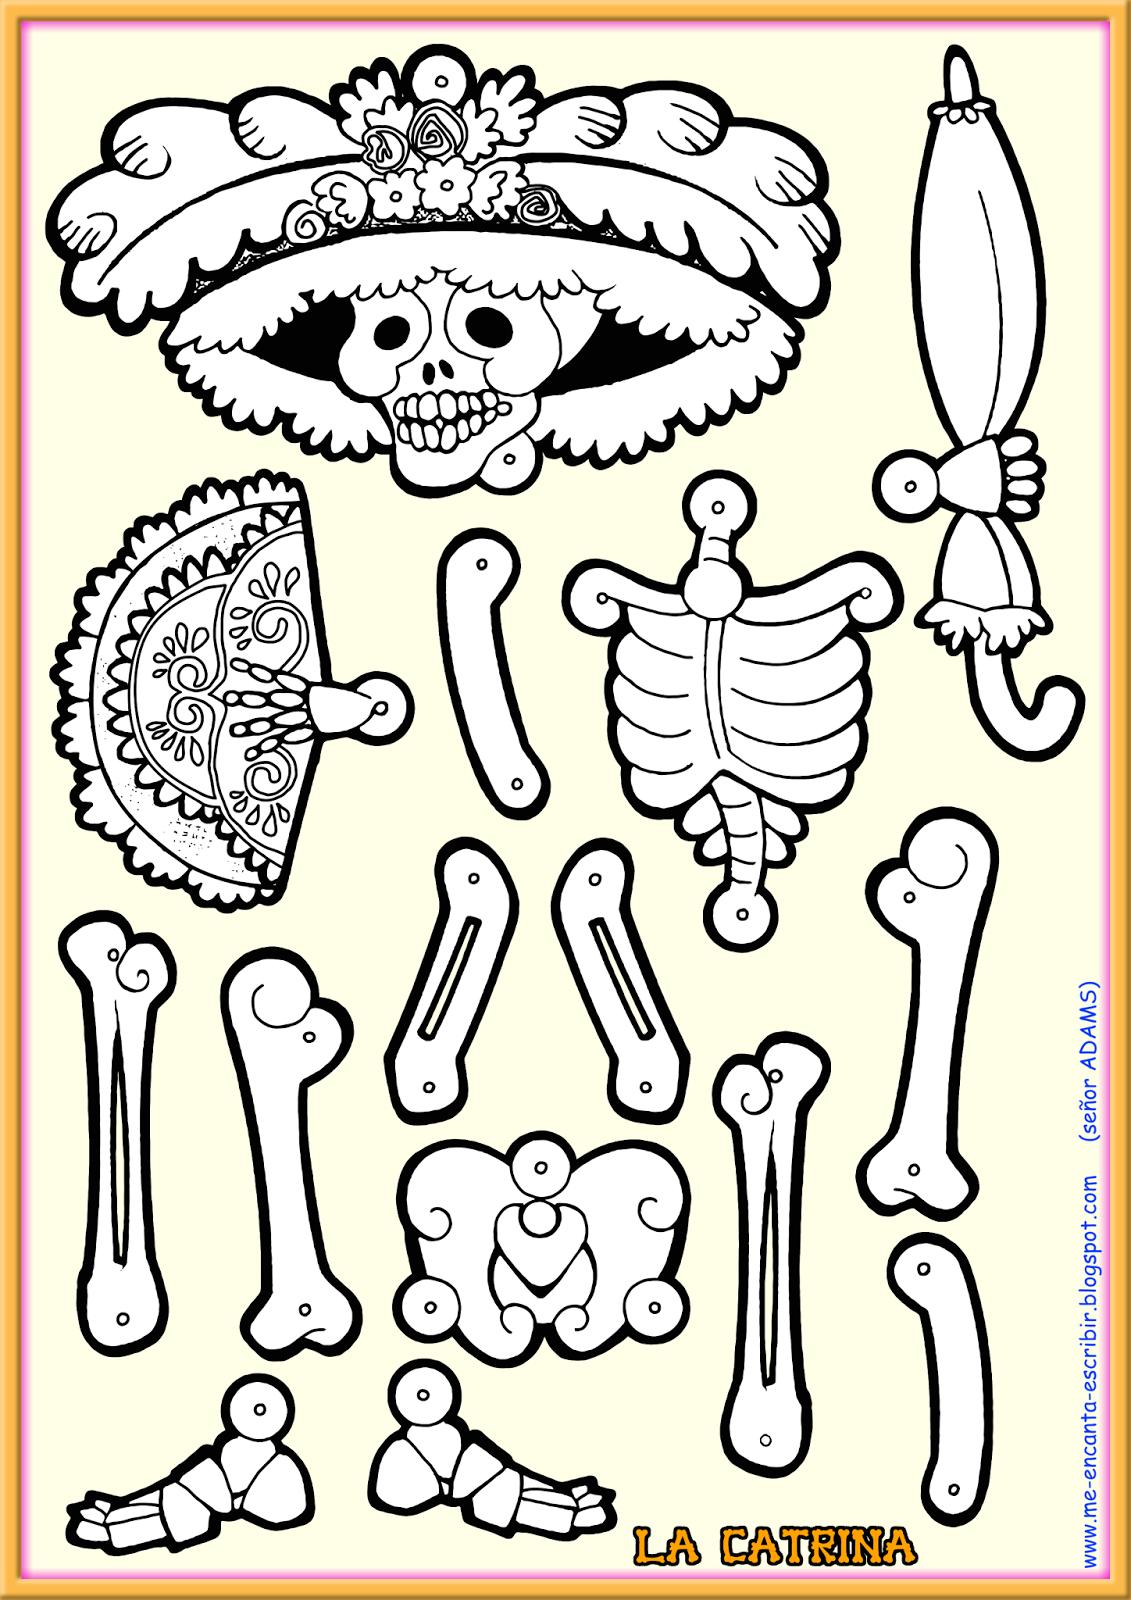 Me Encanta Escribir Es Un Sitio Para Que Mis Alumnos Puedan Aprender Y Revisar En Casa El Espan Dibujo Dia De Muertos Dia De Muertos Actividades Dia De Muertos